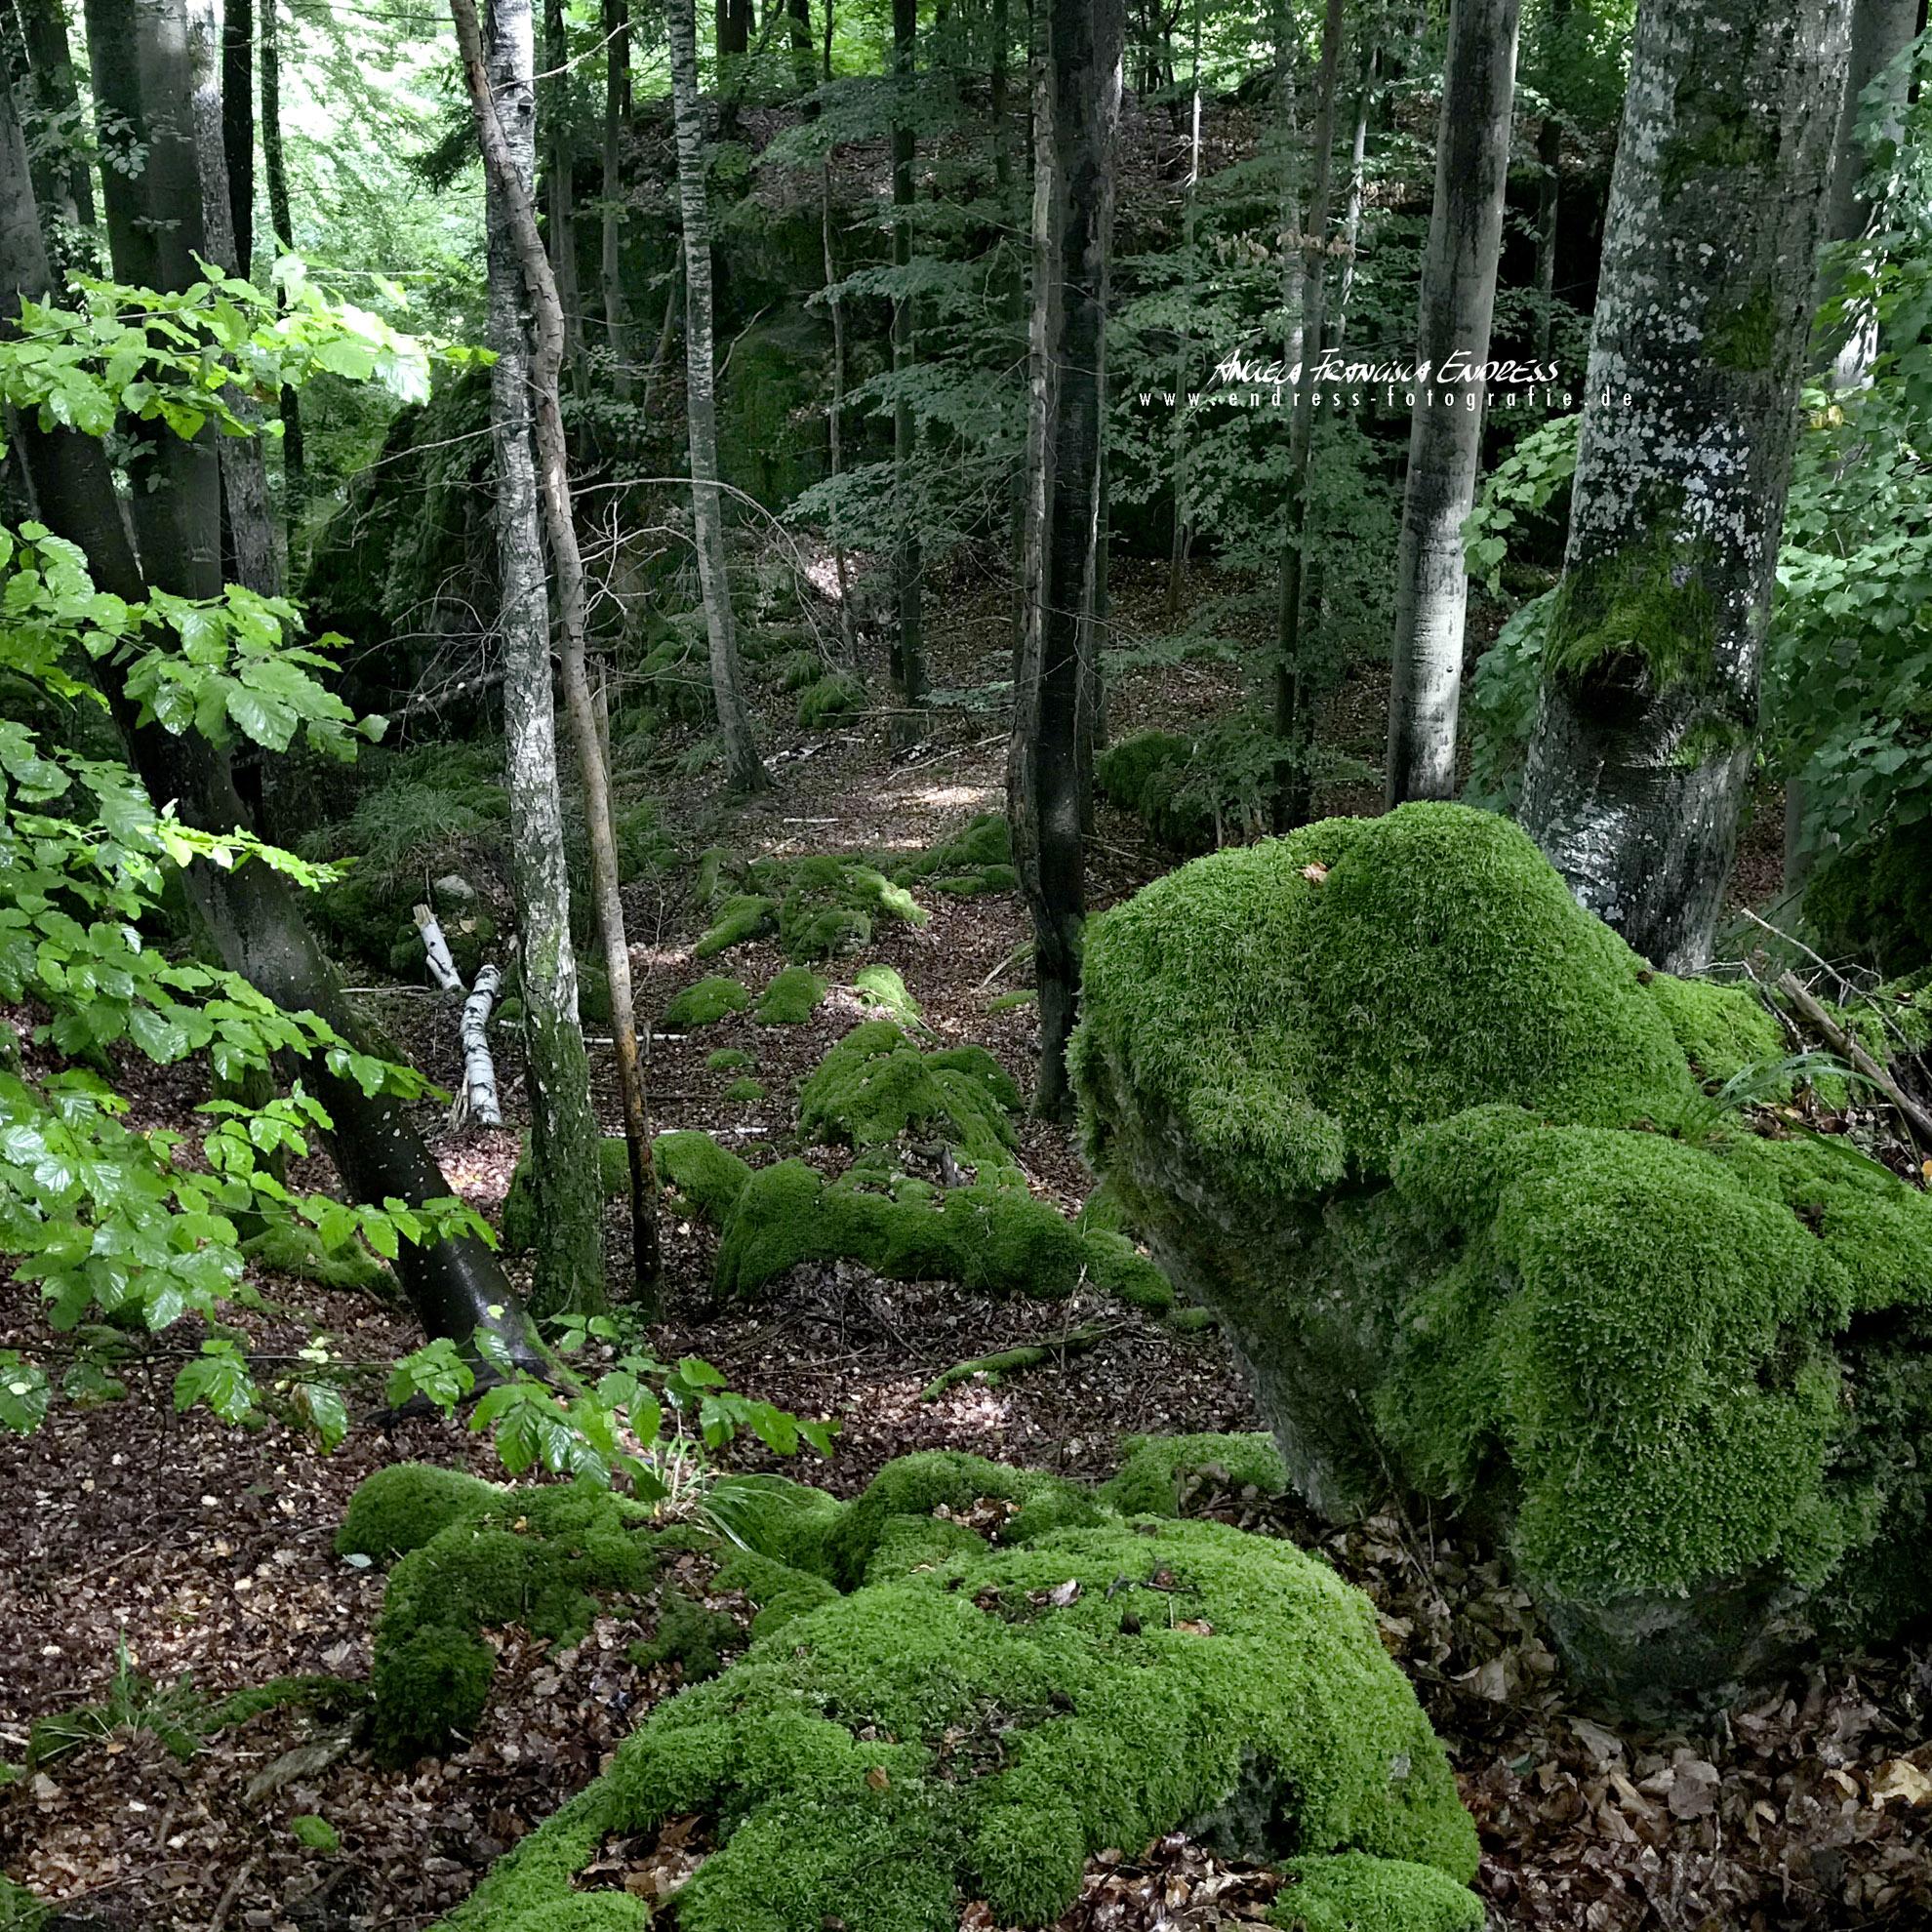 bemooste Felsen und Schlucht im Wald